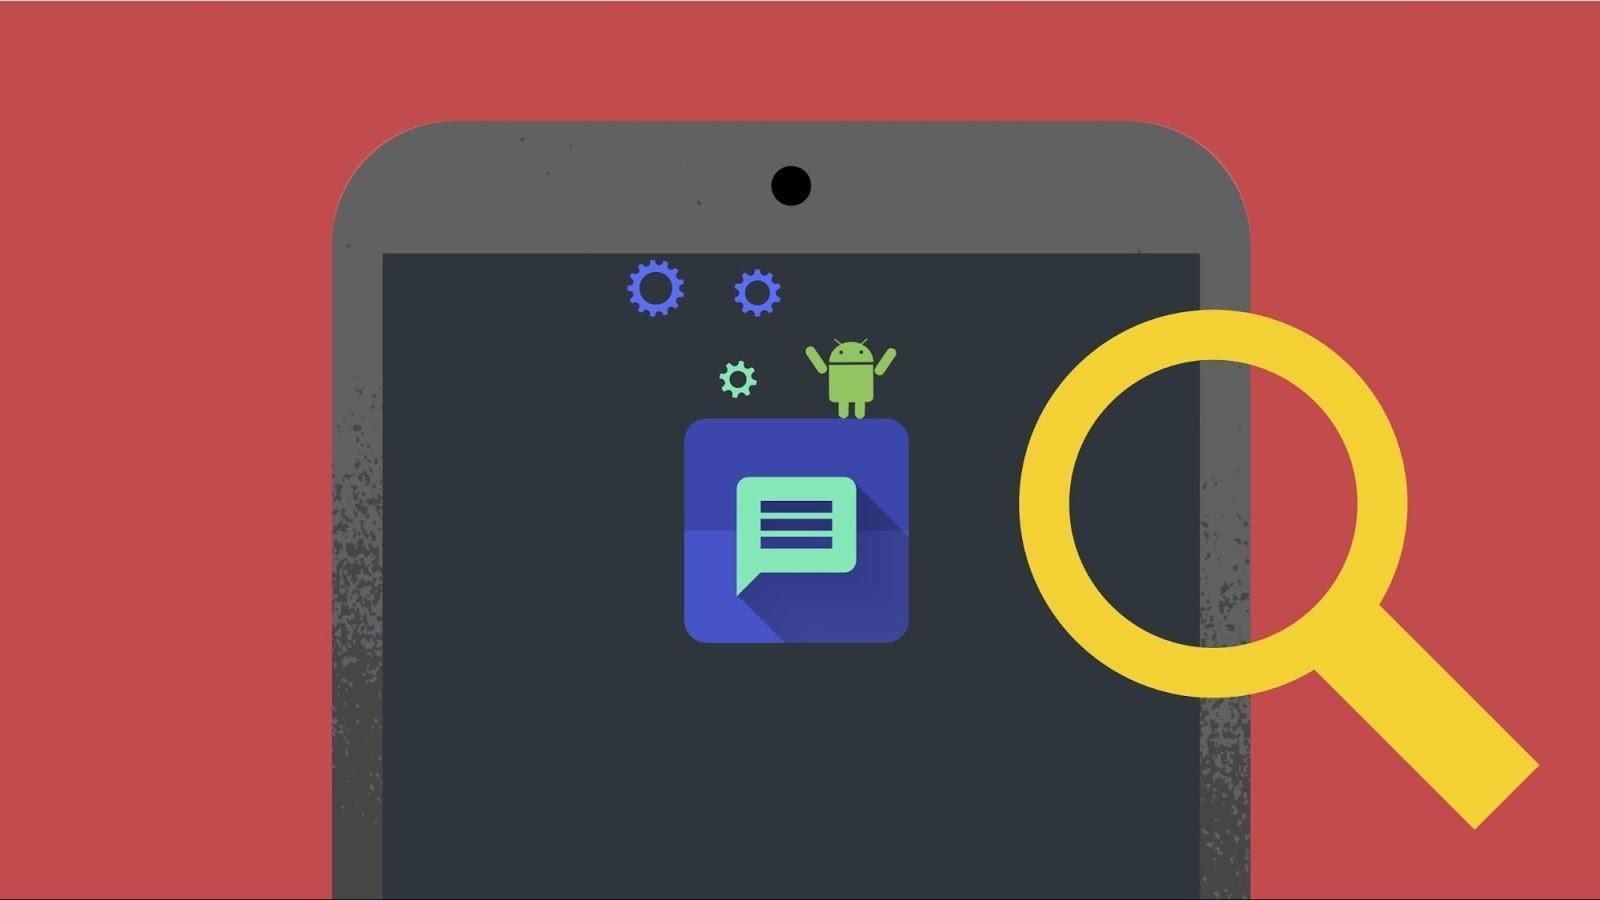 Nå blir det lettere å finne de gode Android-appene